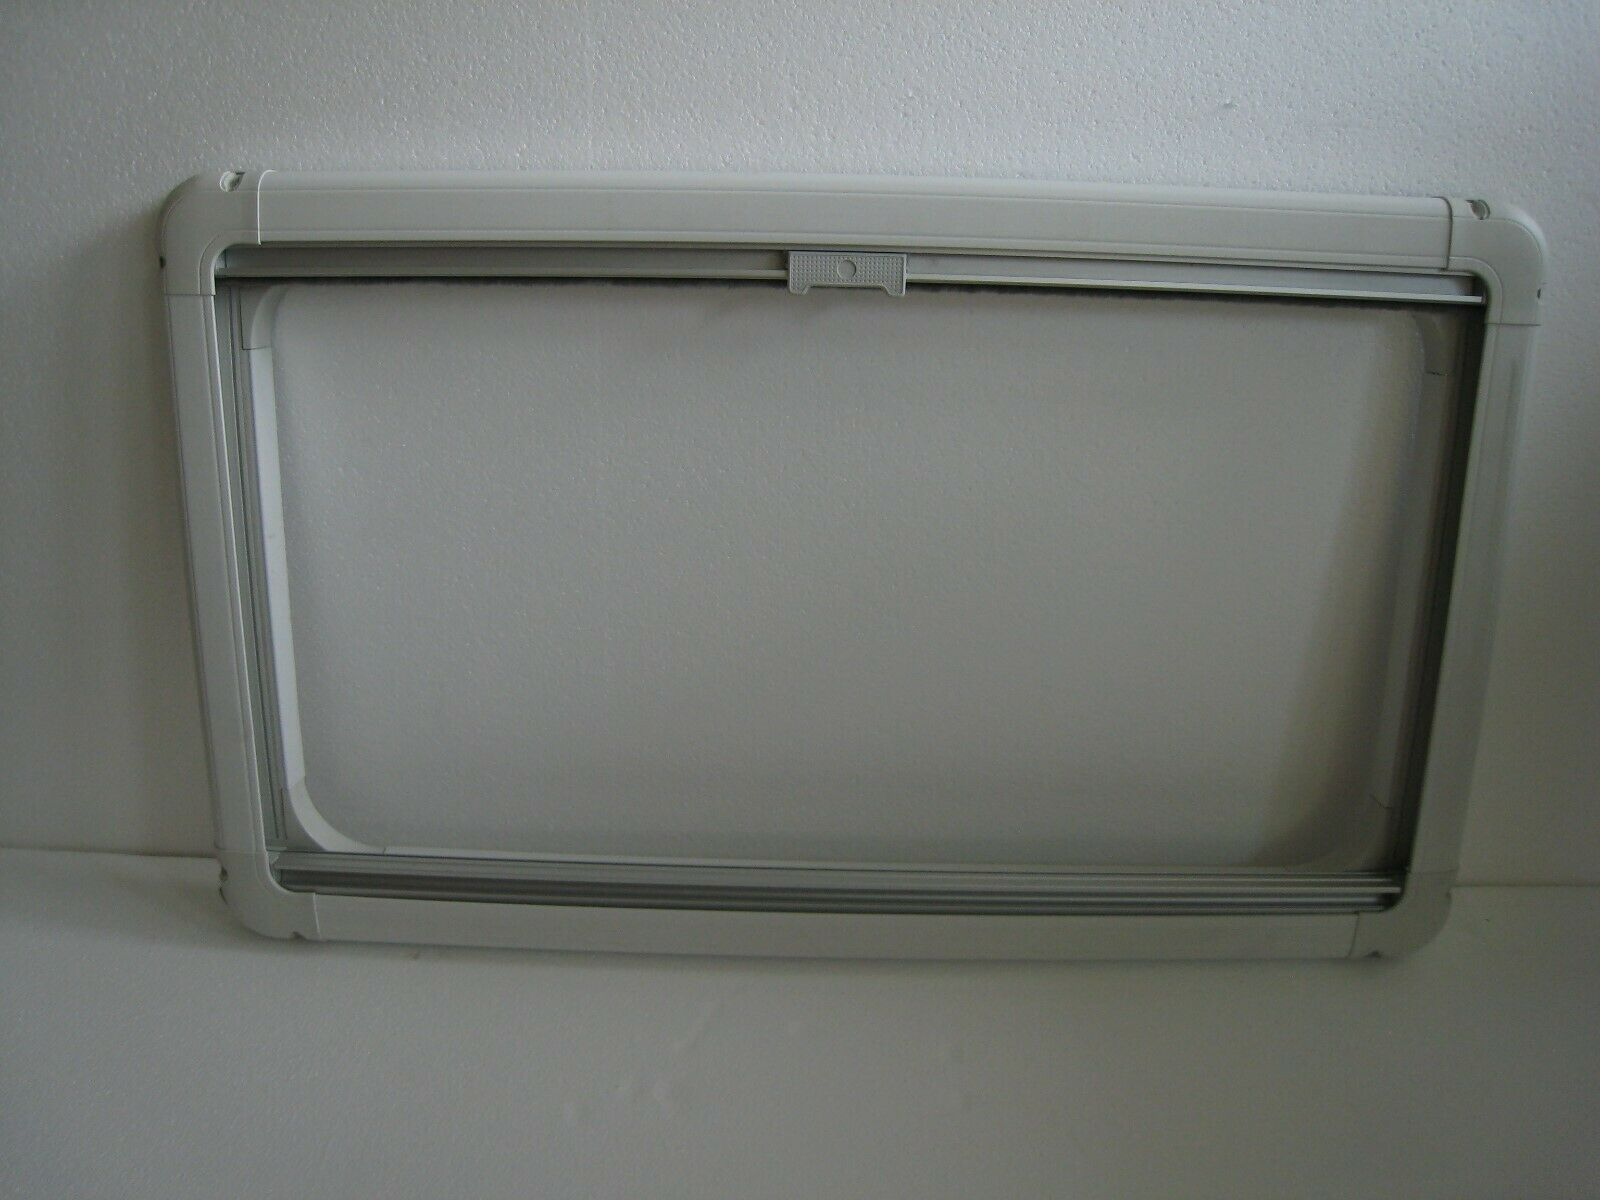 Innenrahmen  für Fenster 950 x 500 mm Rollo + Fliegengitter Neu